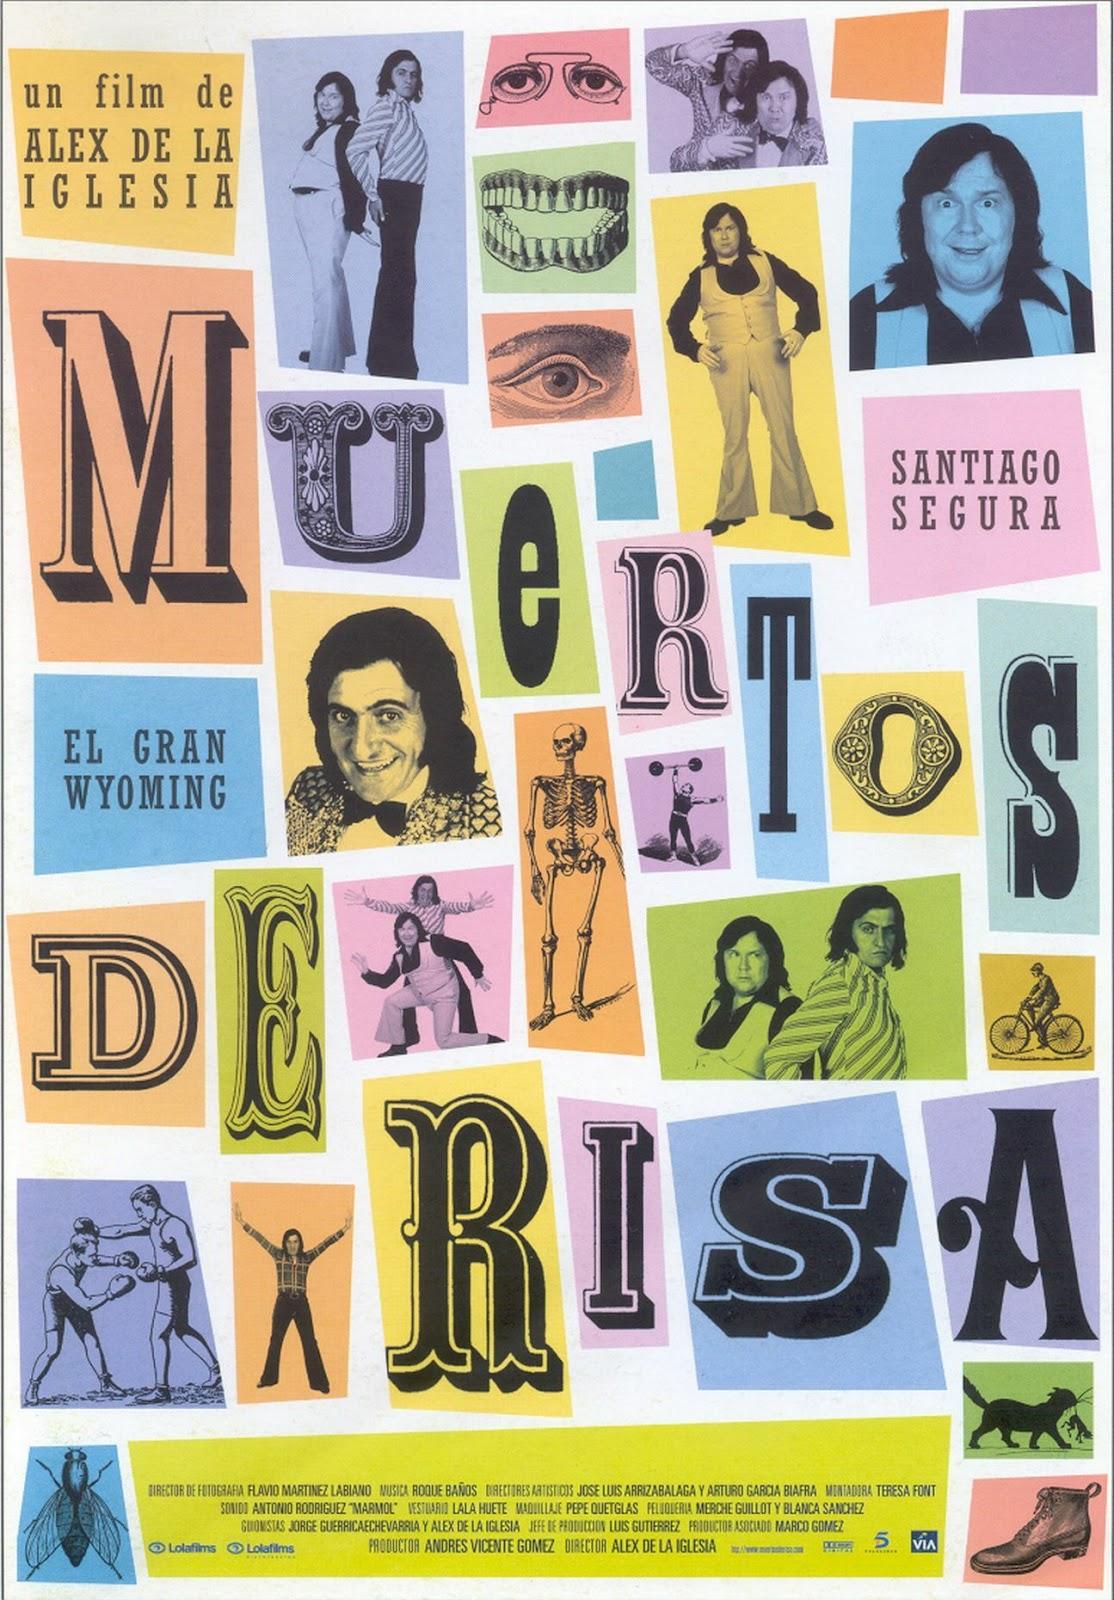 http://3.bp.blogspot.com/-zSR-Bbbz1Dk/T3NqlkuODpI/AAAAAAAAAEo/8sEK7FI-qkA/s1600/1999-Muertos-de-risa-.jpg